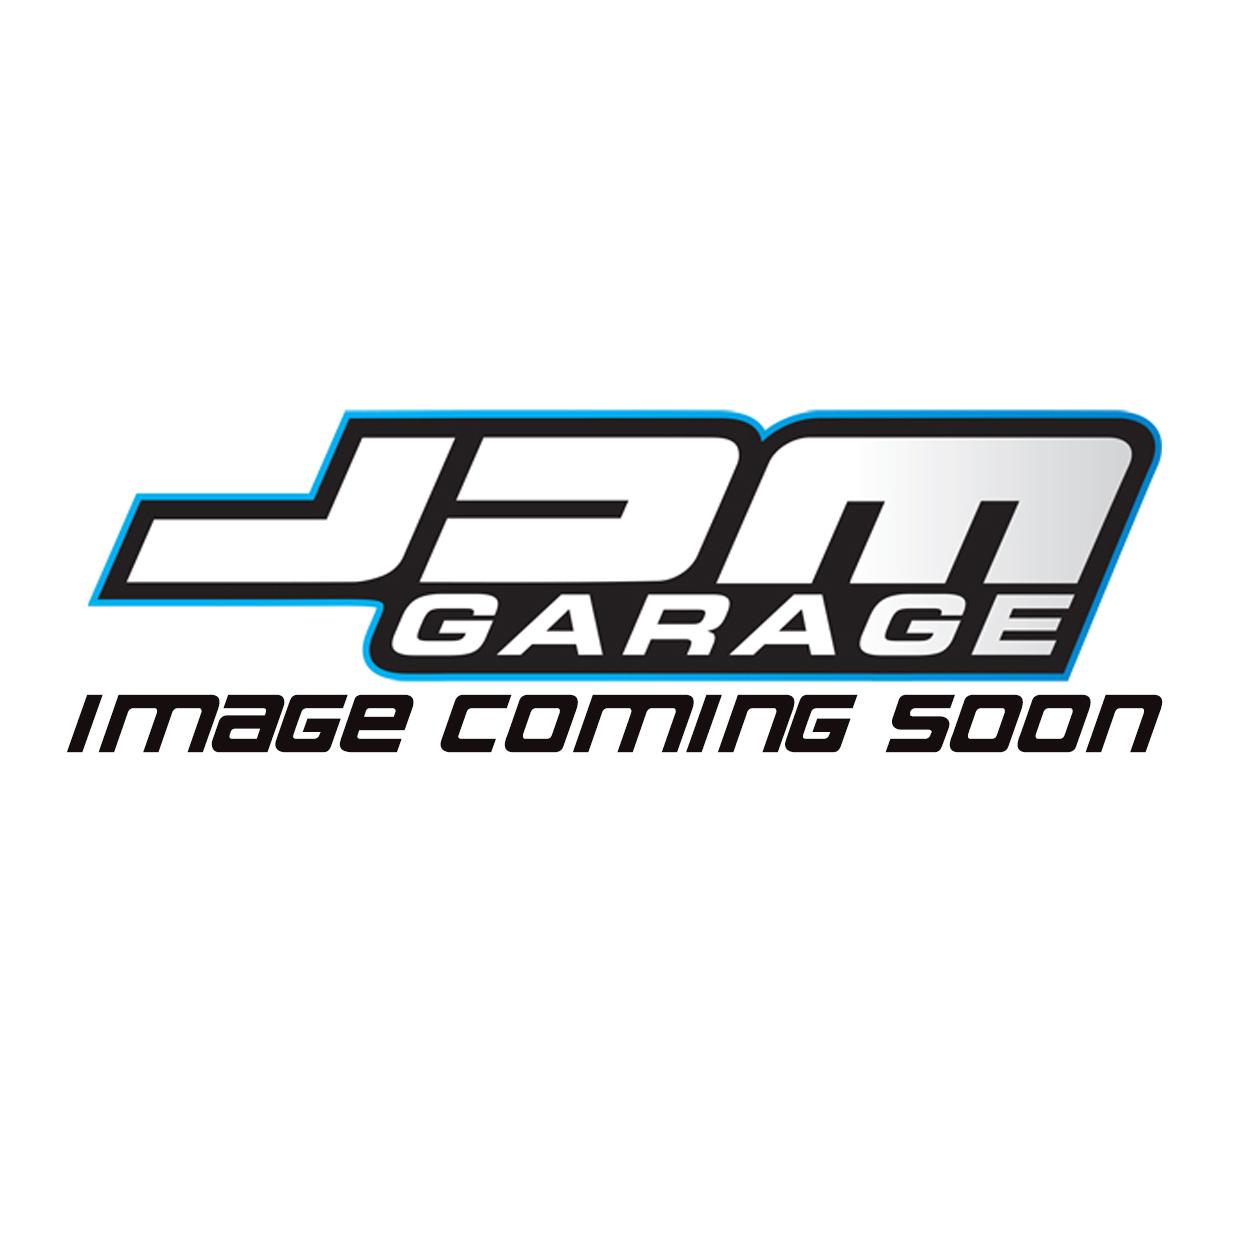 Sytec Fuel Filter 8mm In/Out - Nissan Skyline R33 / GTST / RB25DET / S13 / S14 / S15 / CA18DET / SR20DET